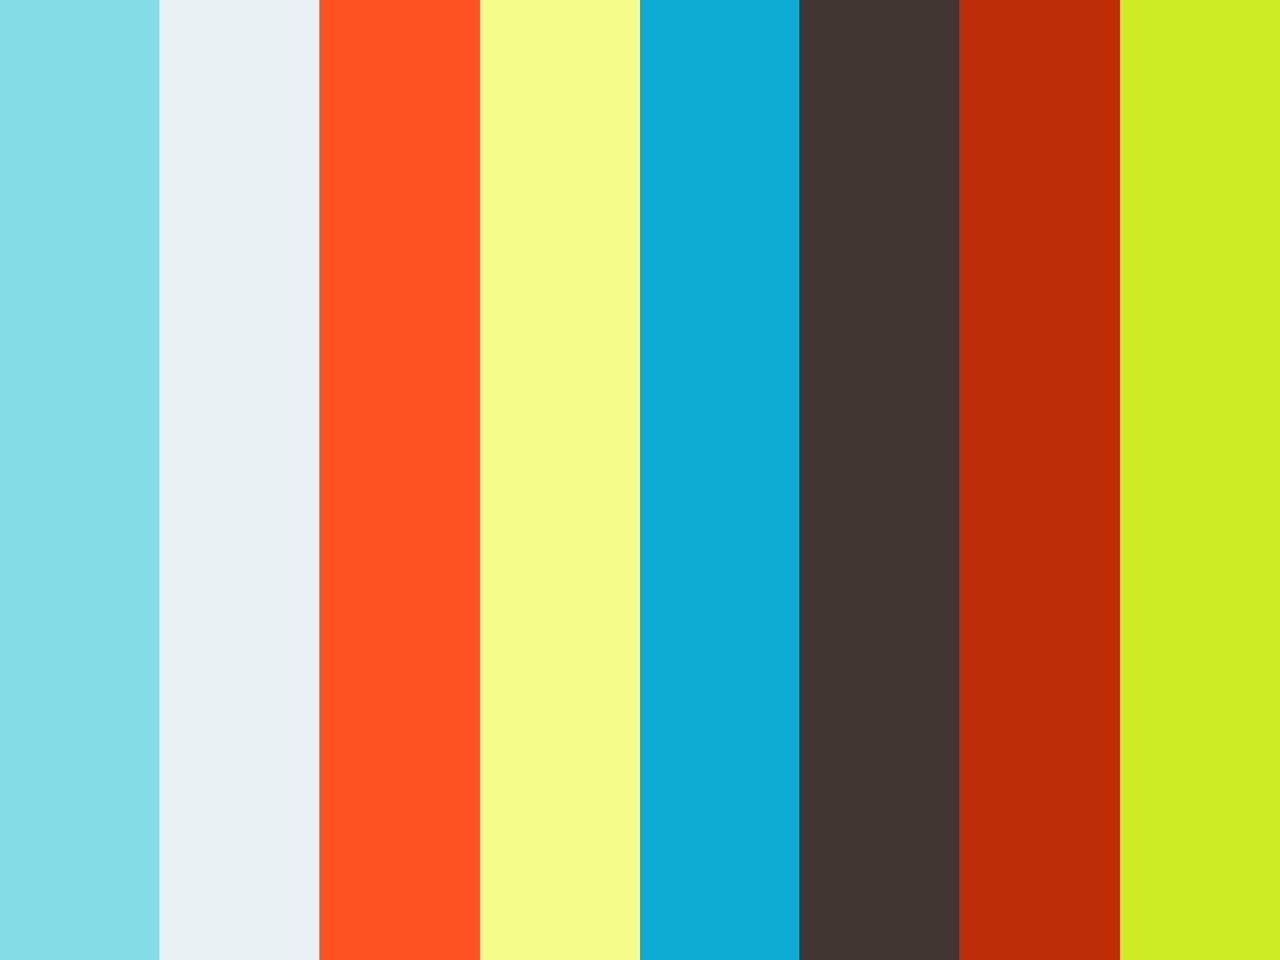 45811 - Solitaire Baguette Shoulders